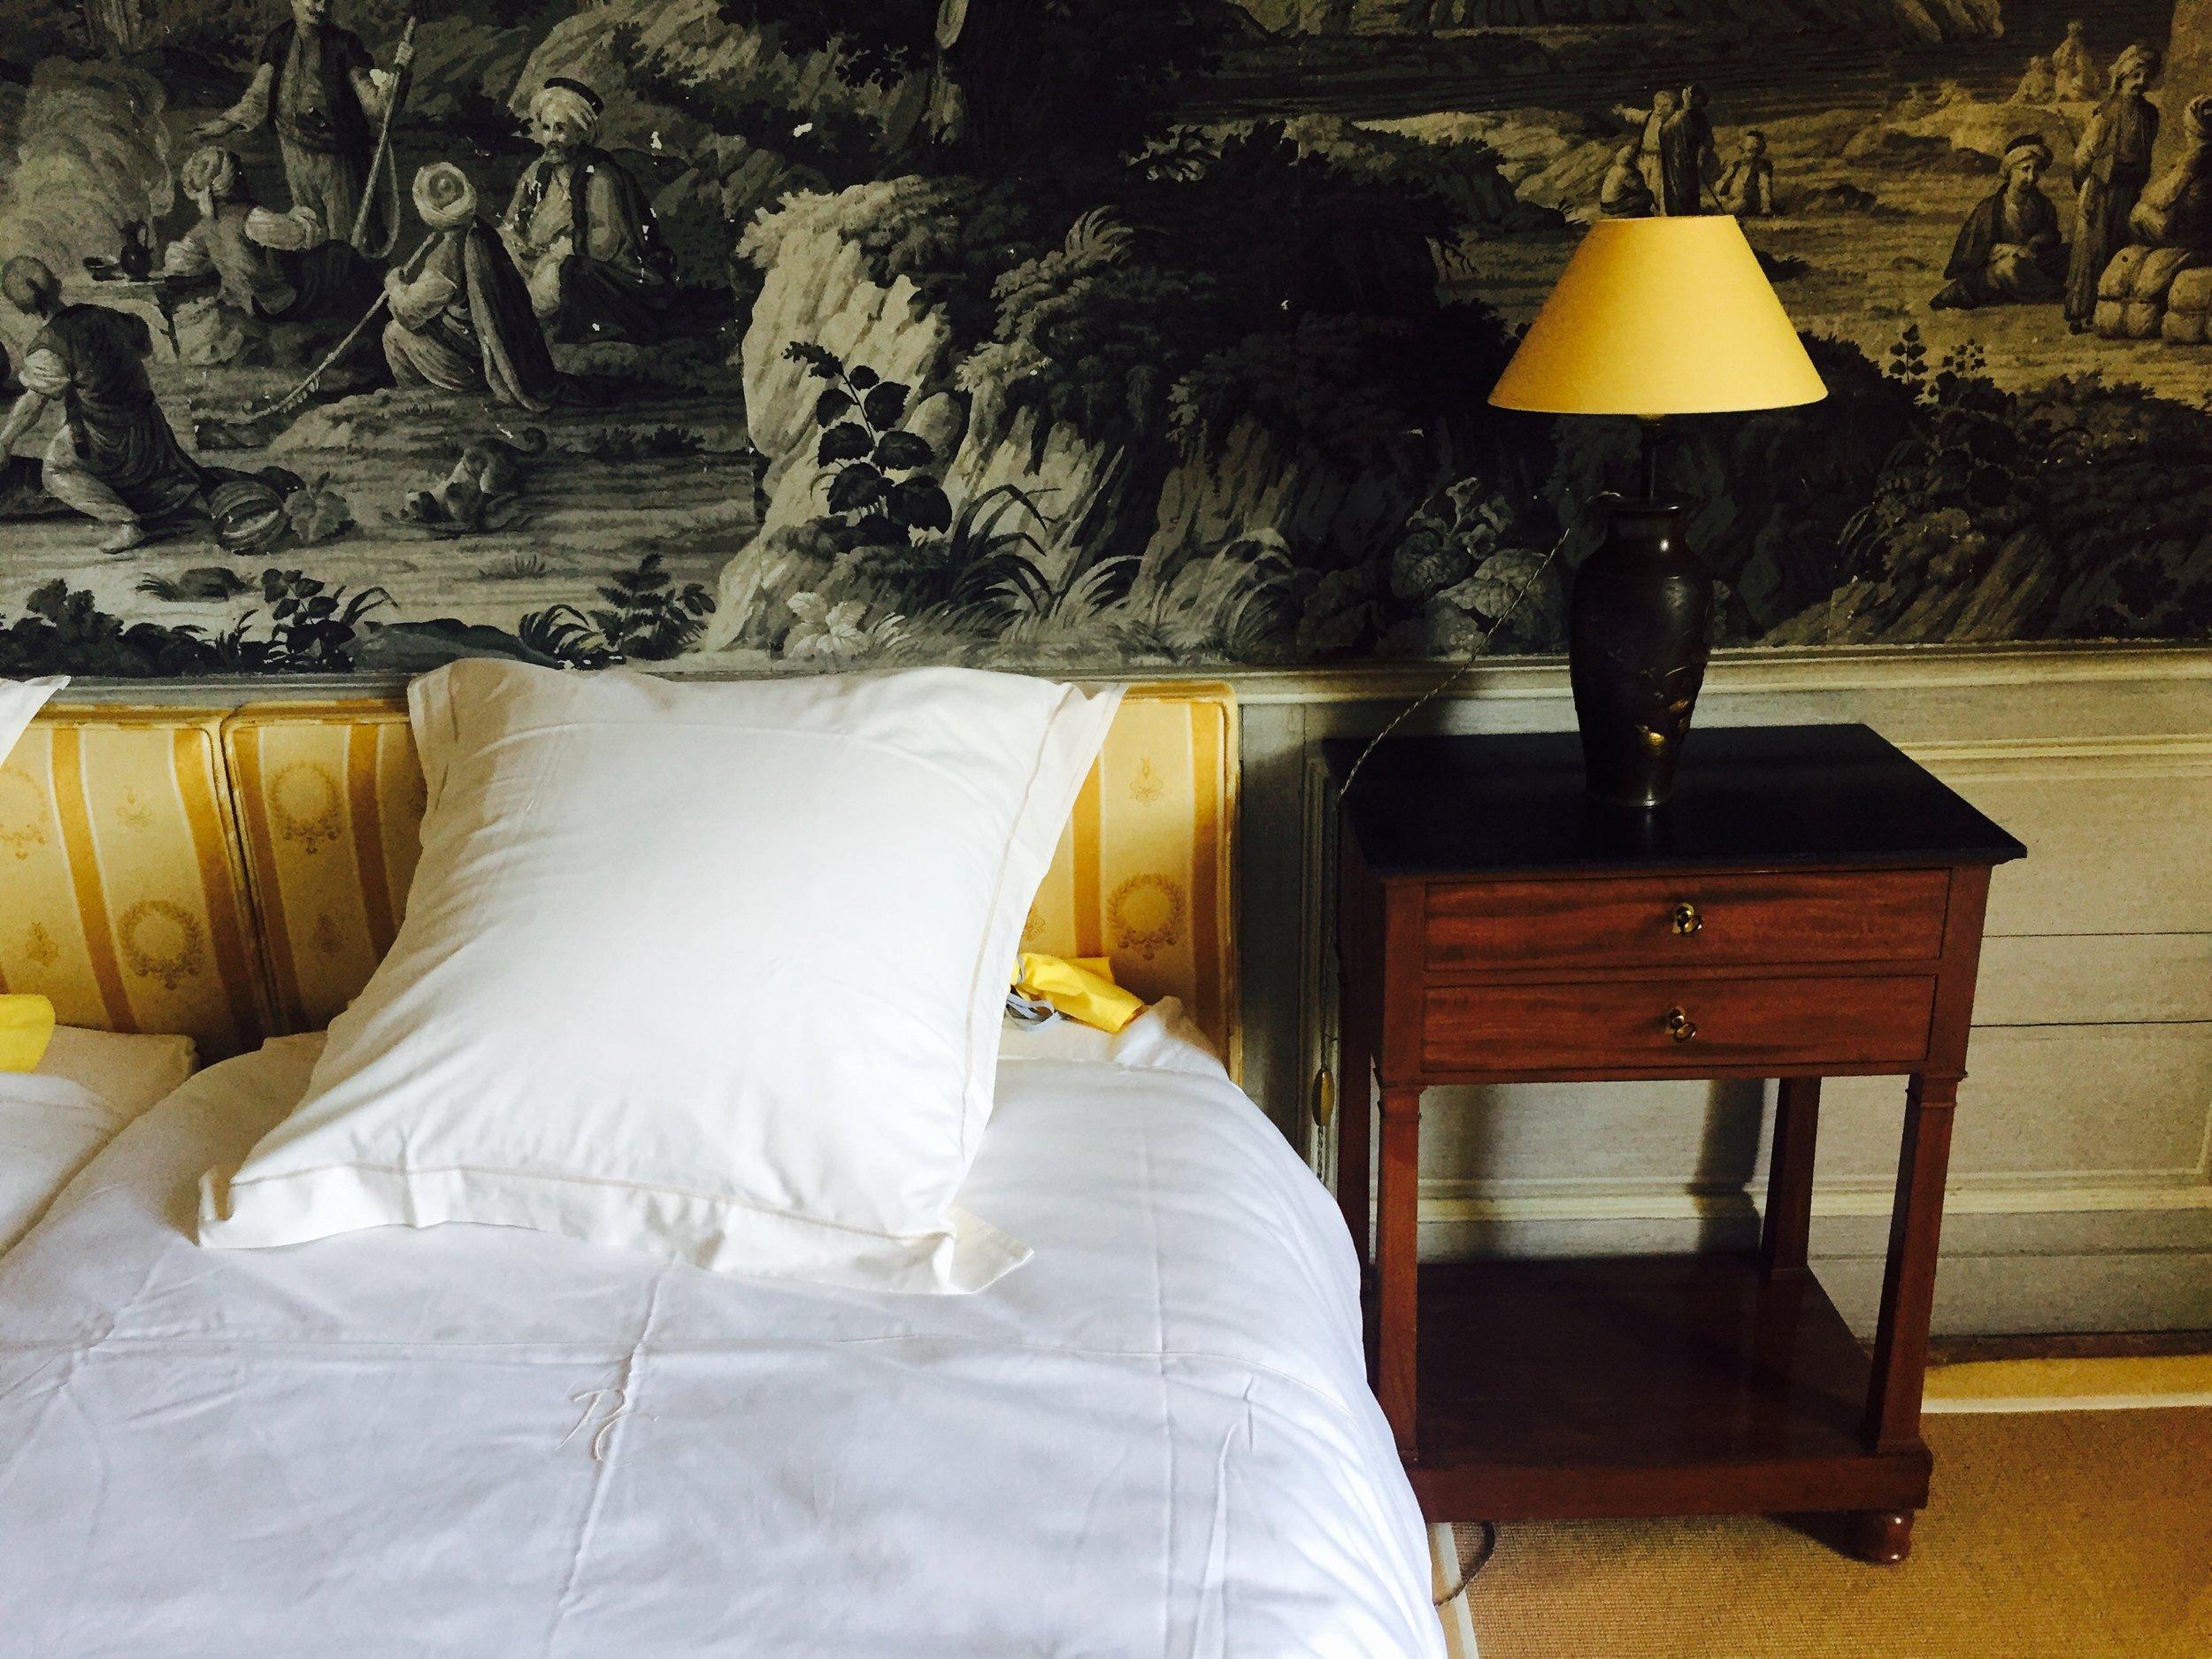 Nos chambres - Quatre chambres doubles dans le château sont proposées à la location pour les mariages ou tout autre événement : les Roses (suite avec une chambre supplémentaire), les Grisailles, les Mandarins et le Boudoir. Chaque chambre, à la décoration soignée,dispose d'une salle de bain et de toilettes indépendantes.